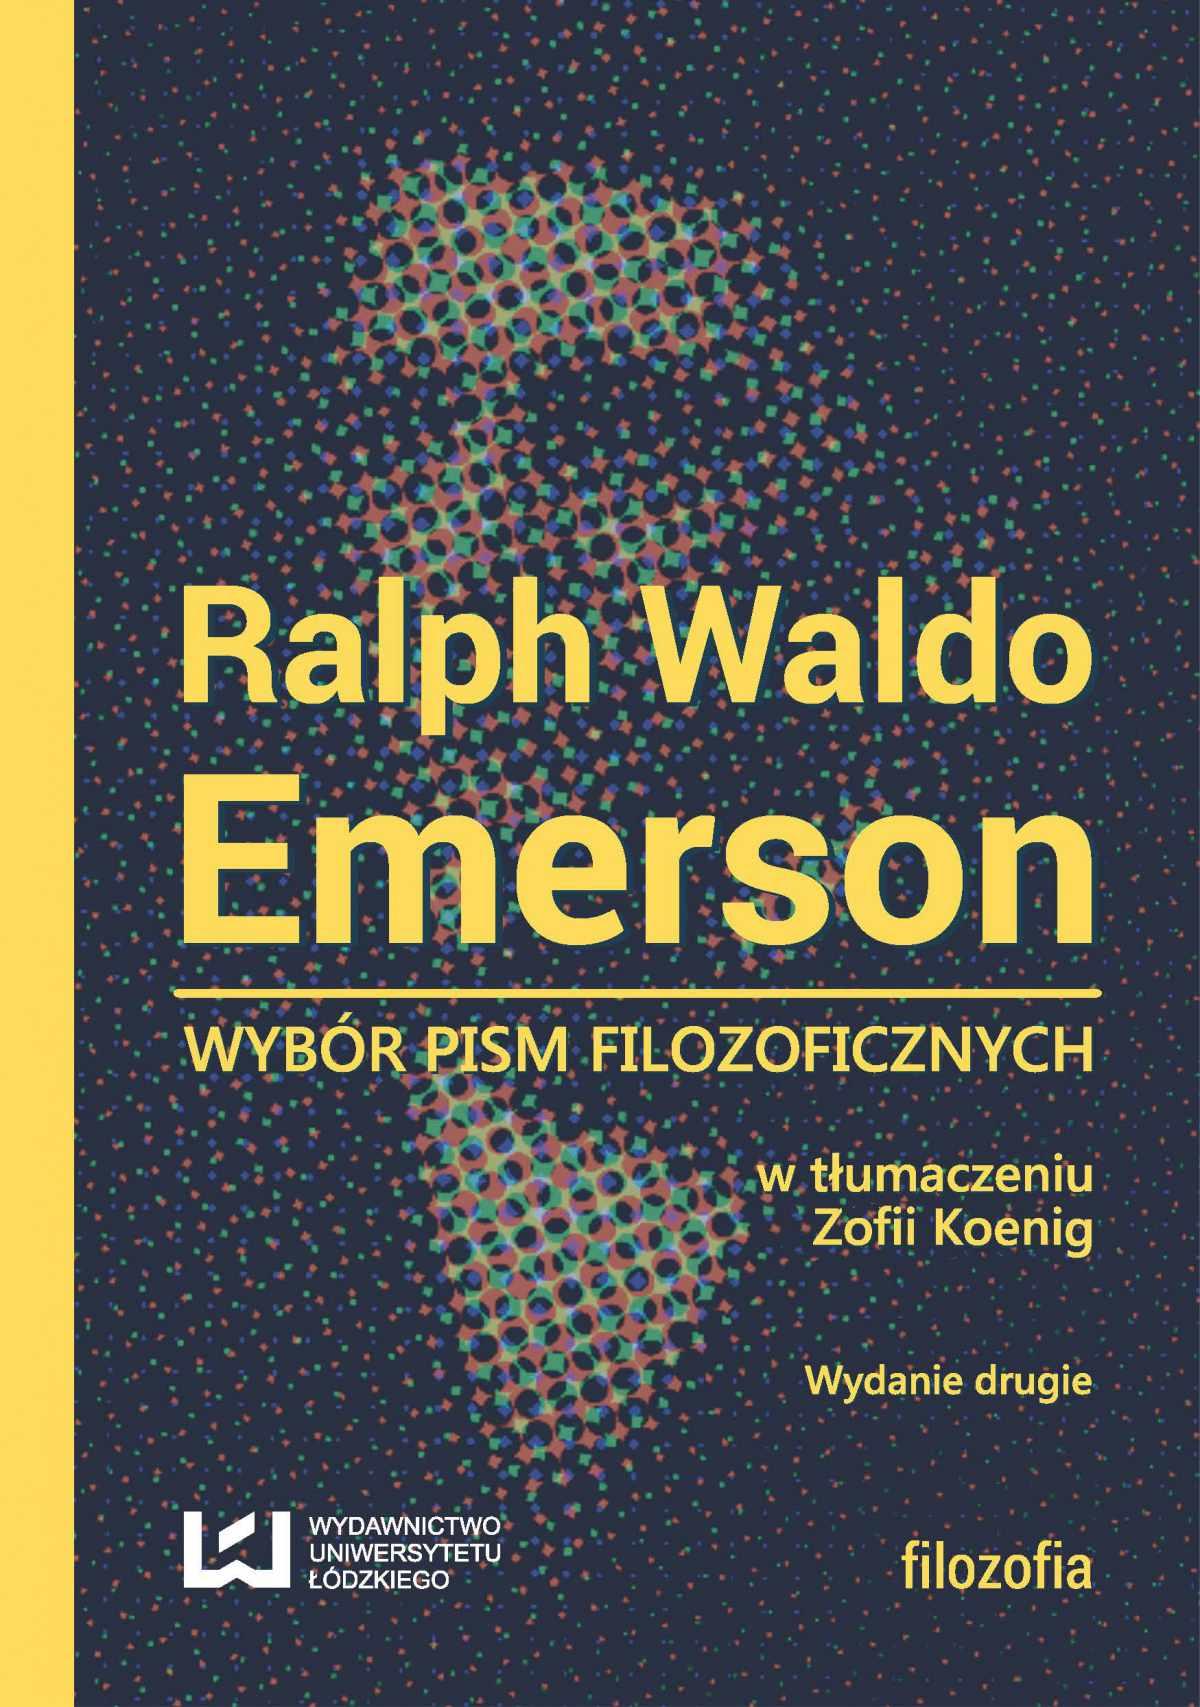 Wybór pism filozoficznych. Wydanie drugie - Ebook (Książka EPUB) do pobrania w formacie EPUB